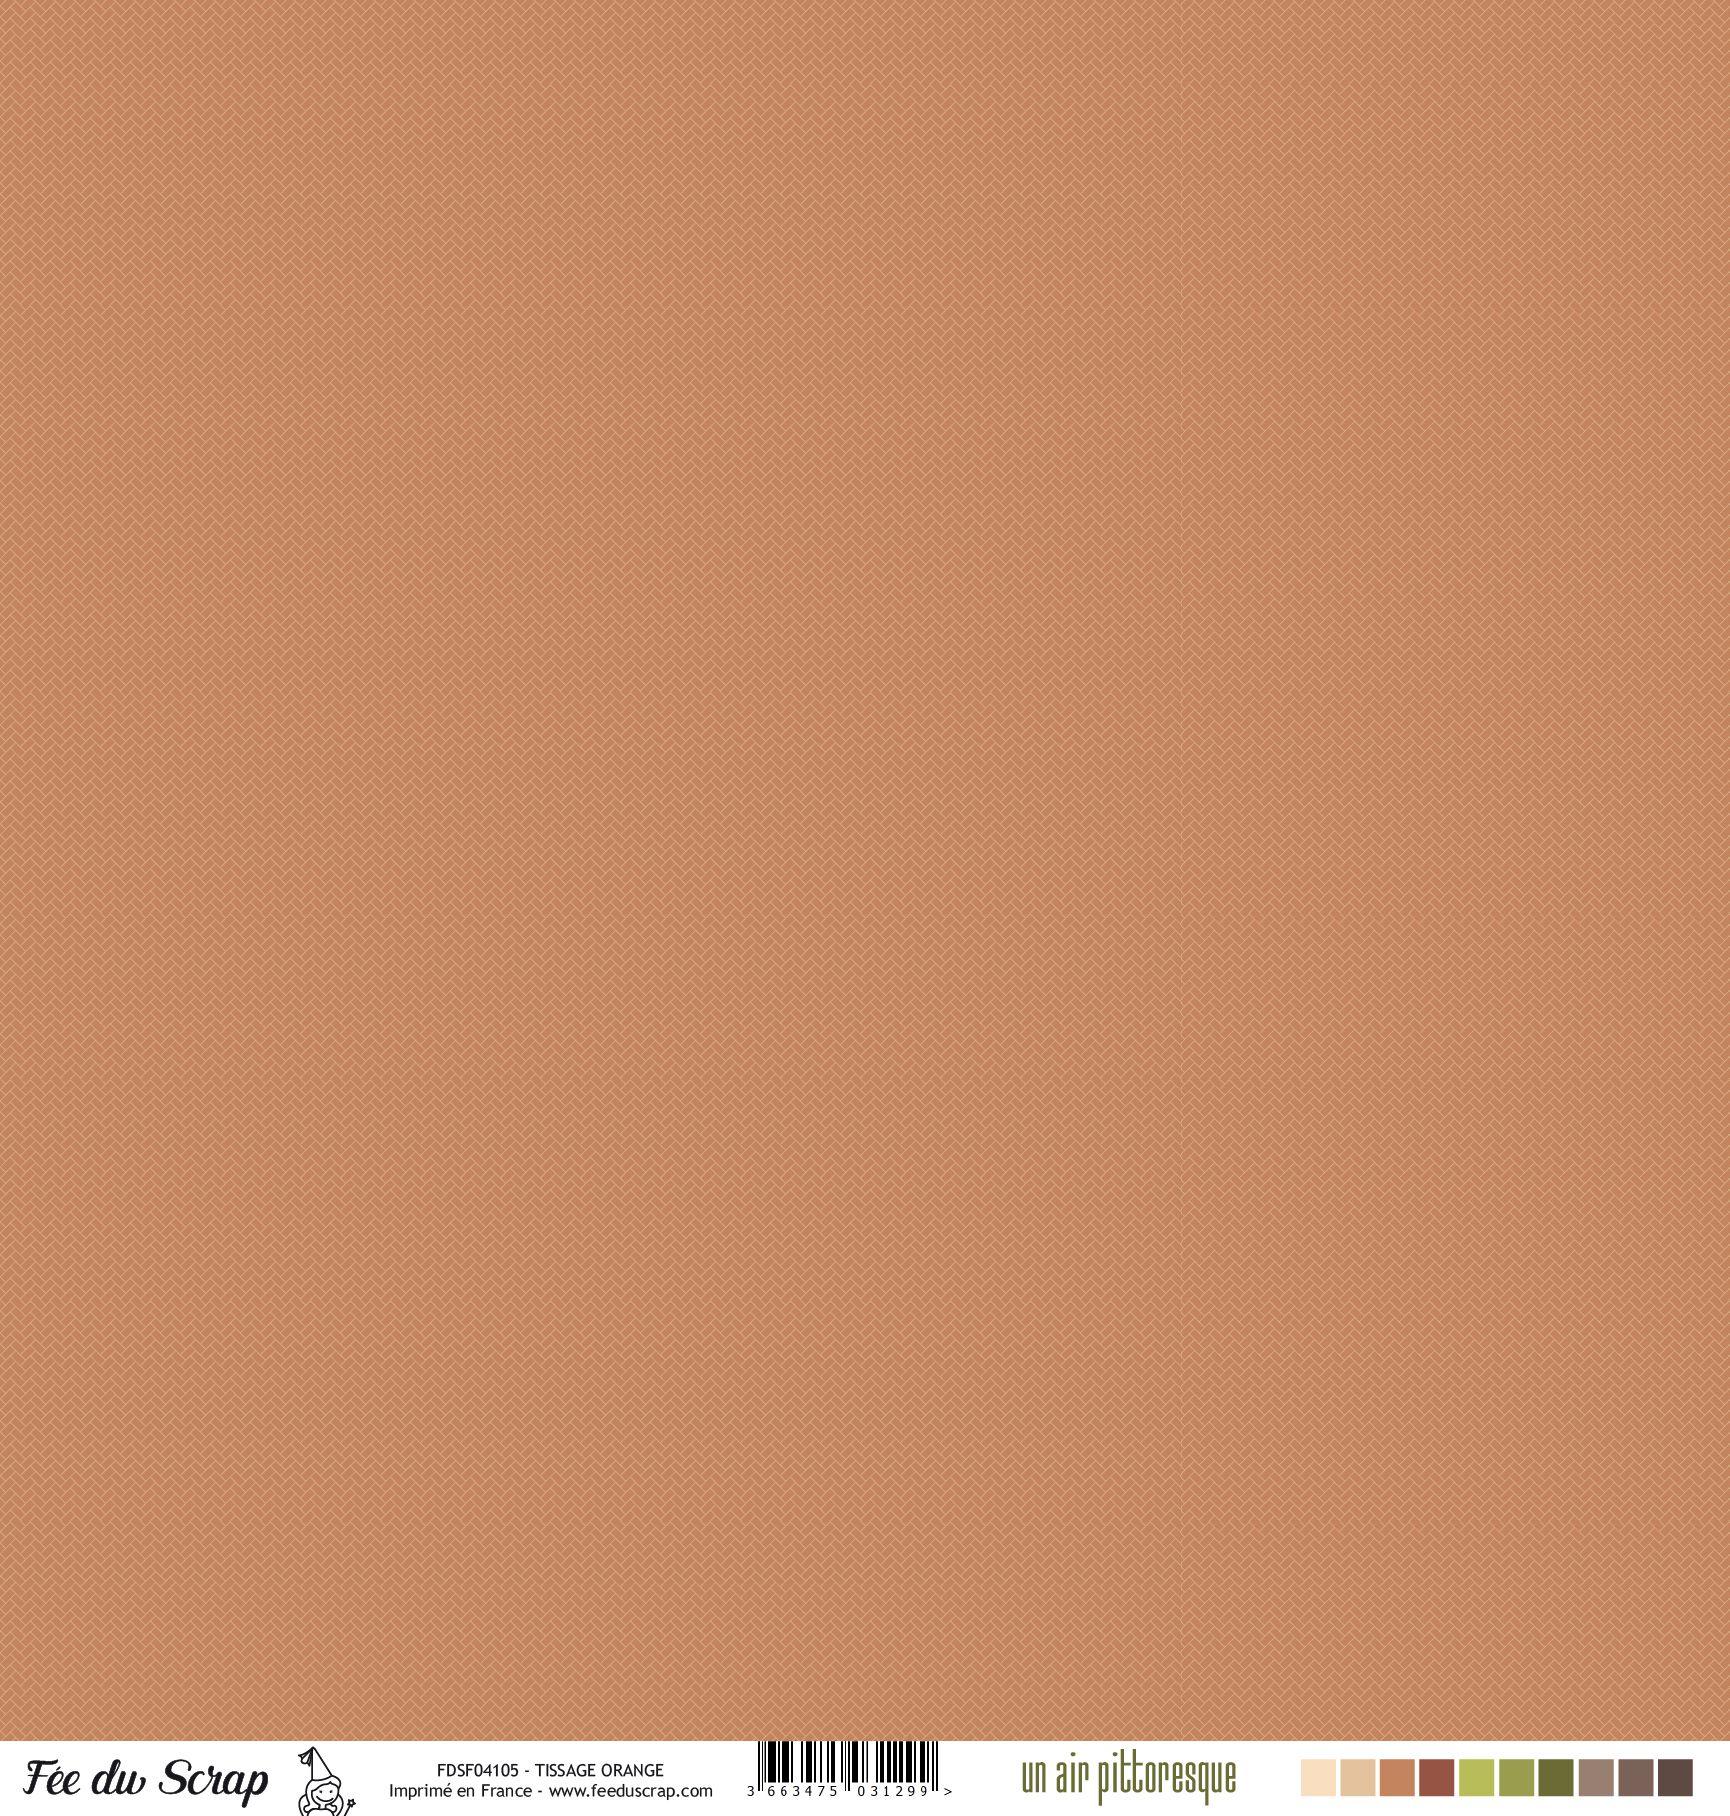 Feuille un air pittoresque - Tissage orange